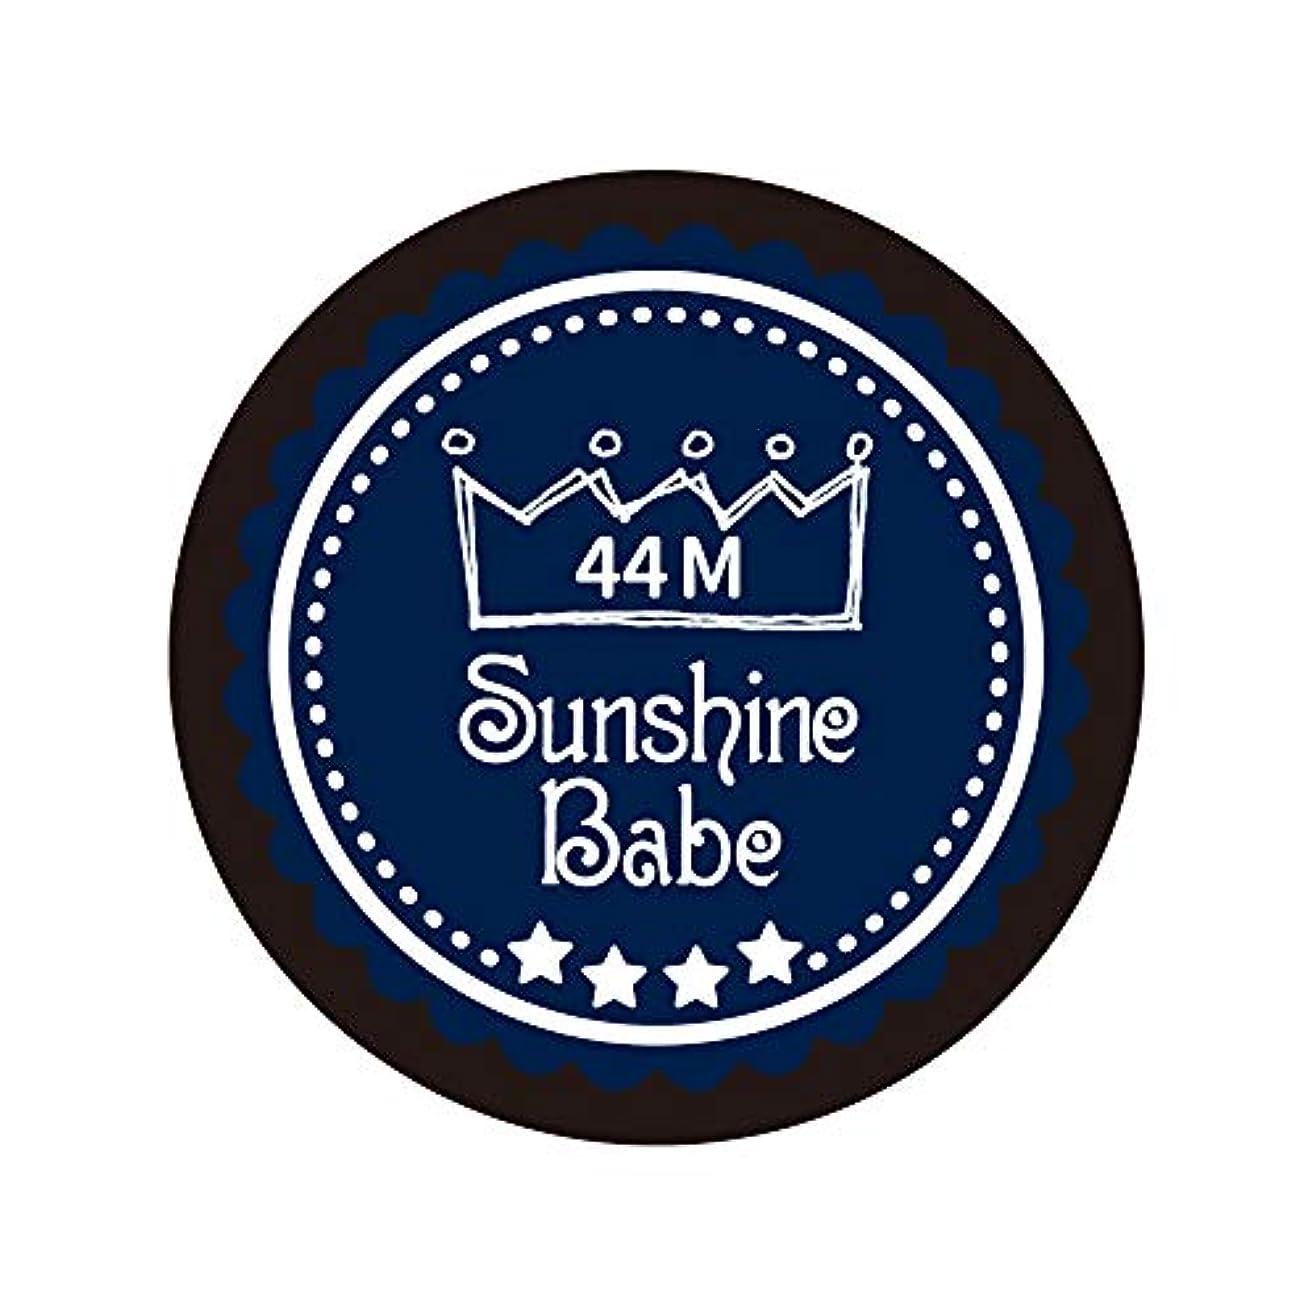 達成するモジュール系統的Sunshine Babe カラージェル 44M クラシックネイビー 4g UV/LED対応